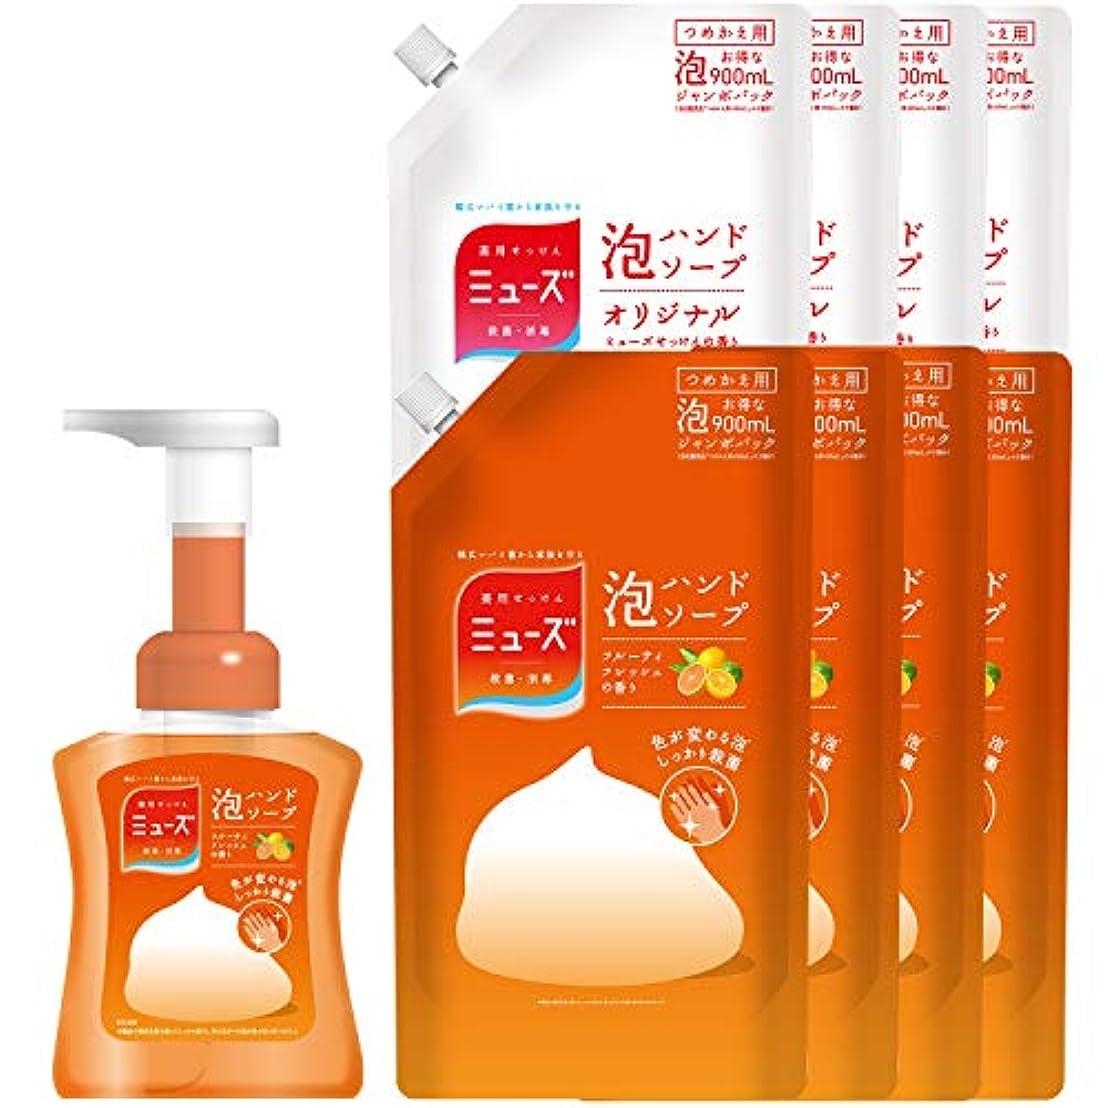 以前は深くヘッジ【セット品】薬用せっけんミューズ 泡ハンドソープ フルーティフレッシュの香り 色が変わる泡 本体ボトル 250ml+詰替え2種 セット